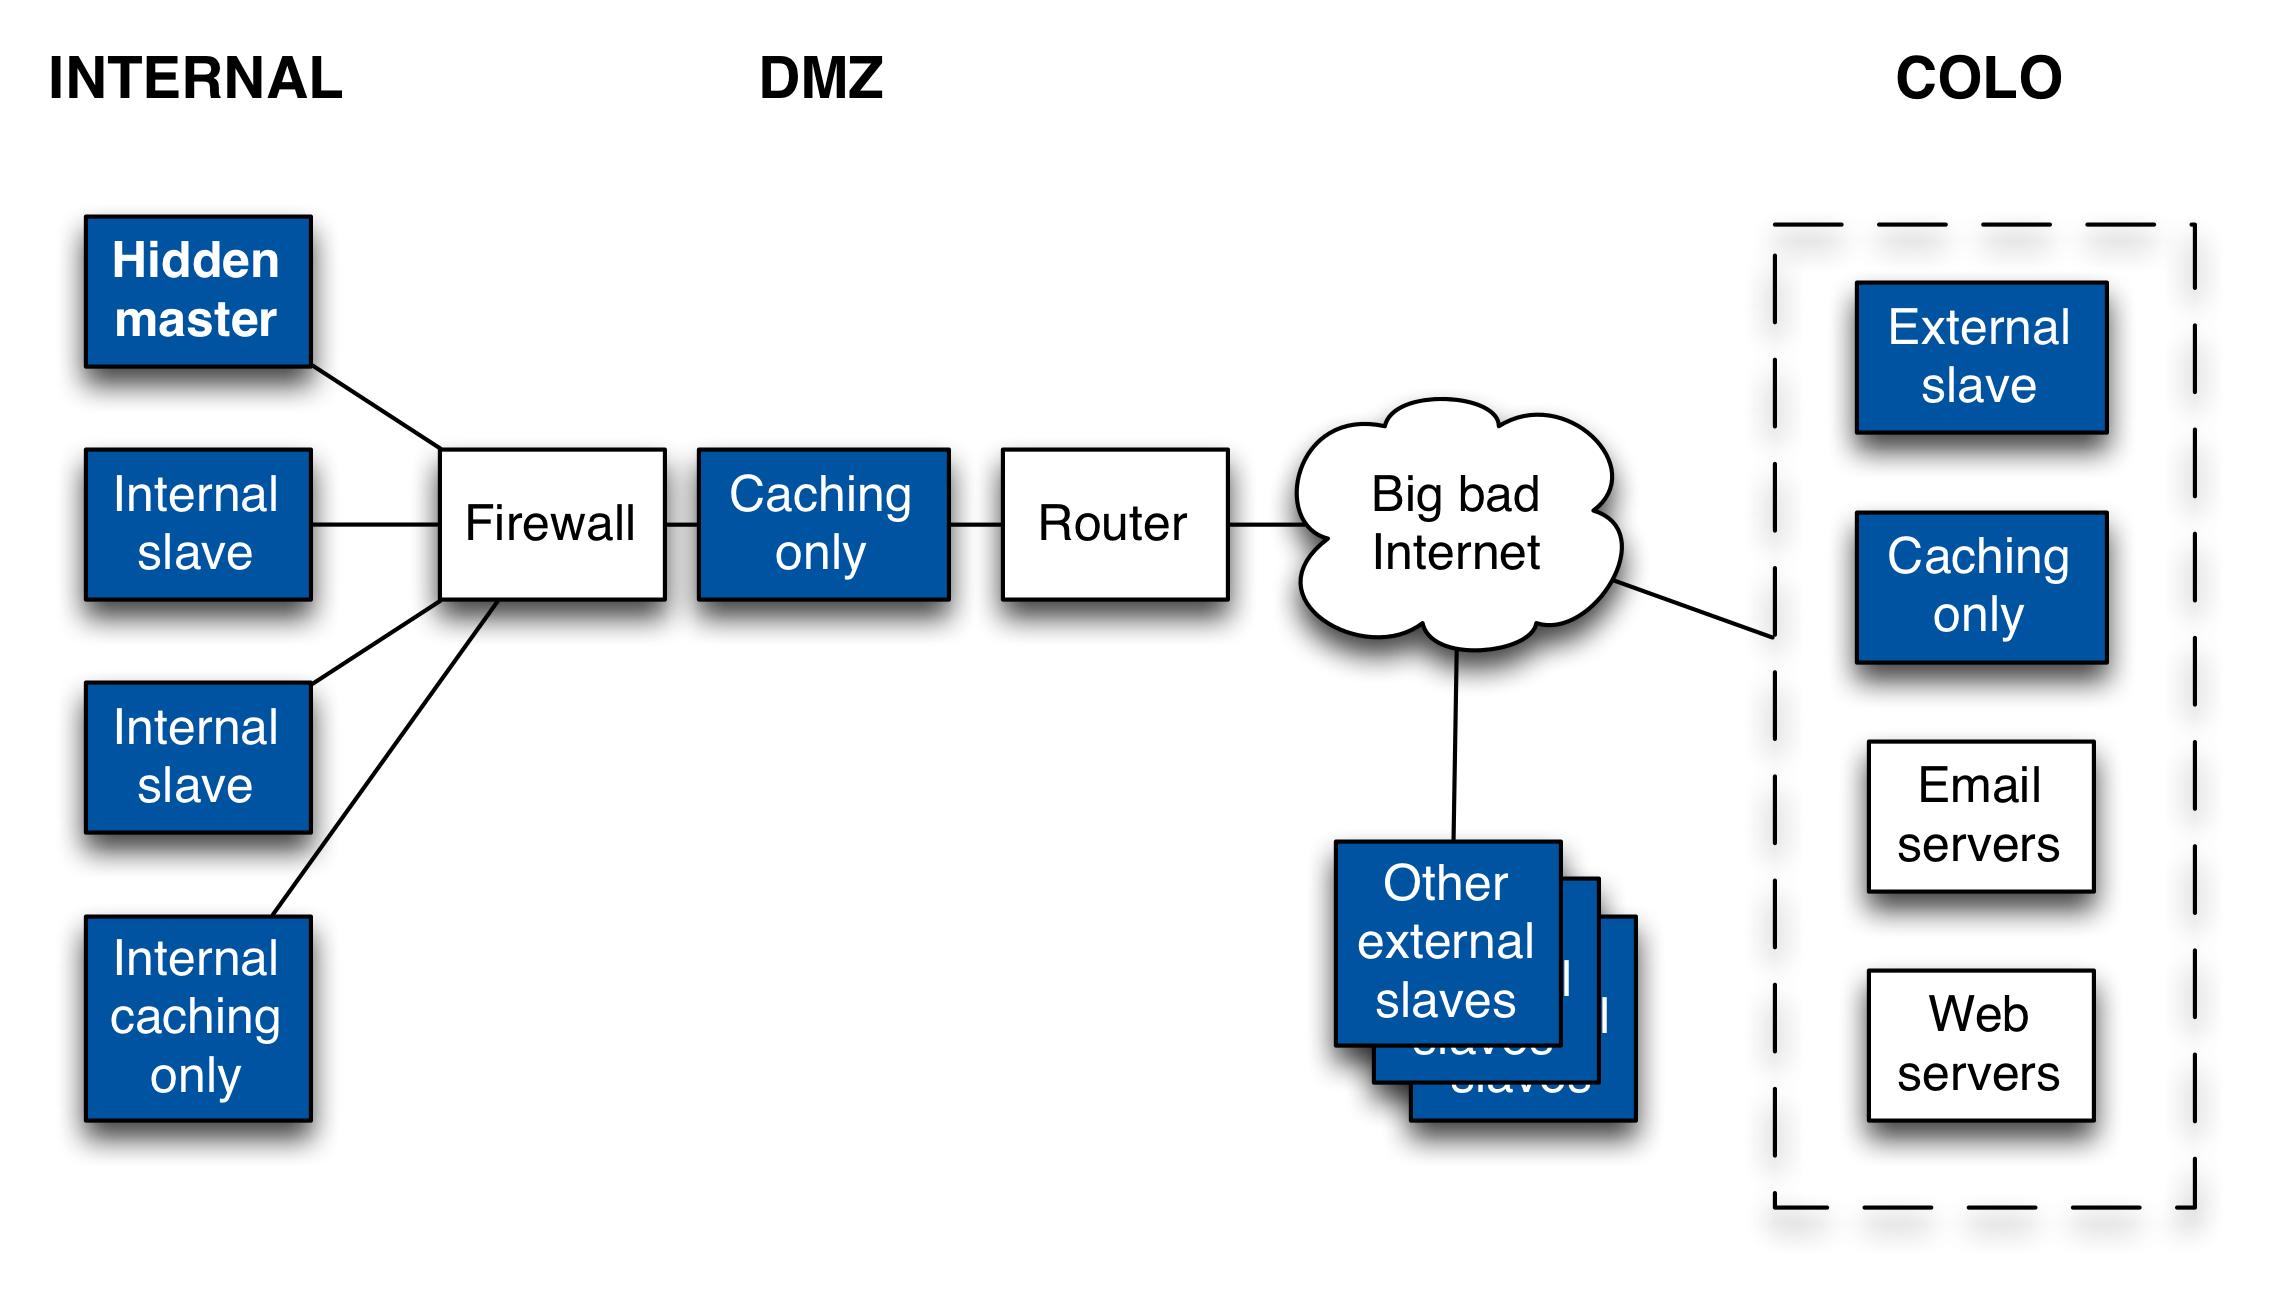 dmz architecture diagram titan gooseneck trailer wiring domain name system dns sanity check